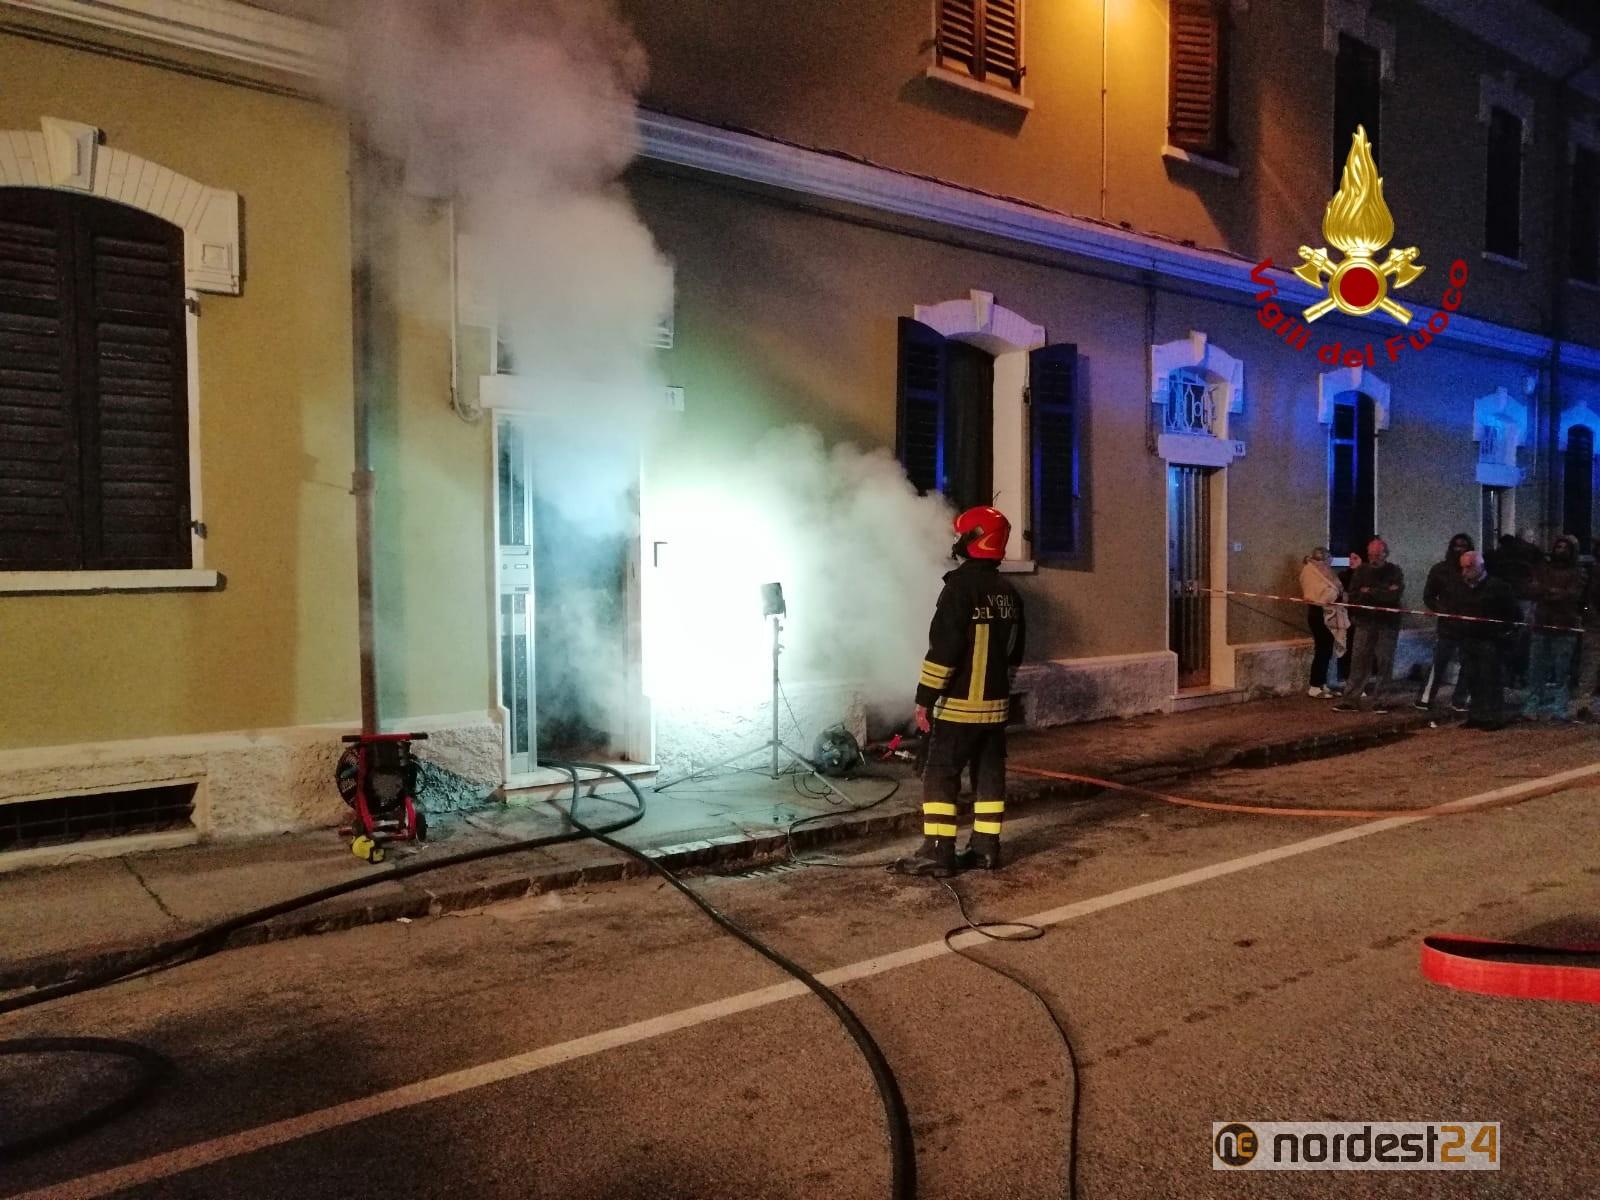 Incendio nel seminterrato: i pompieri salvano l'intero ...